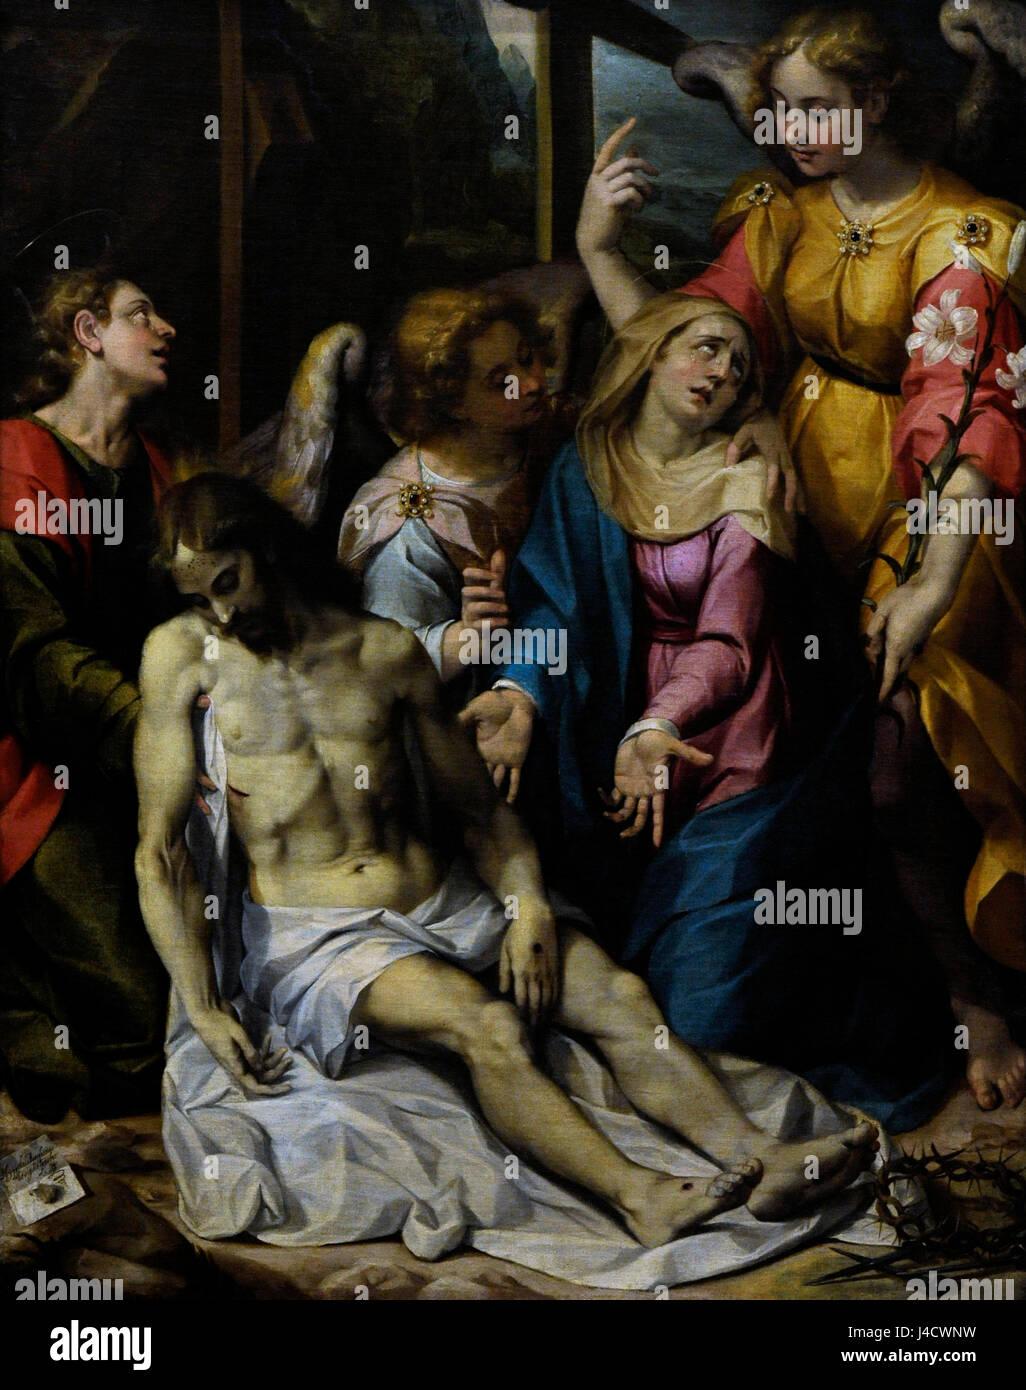 Ippolito Borguese (1568-1627). Pittore italiano del tardo Rinascimento. Pietà, 1603. Olio su tela. Museo Nazionale Immagini Stock